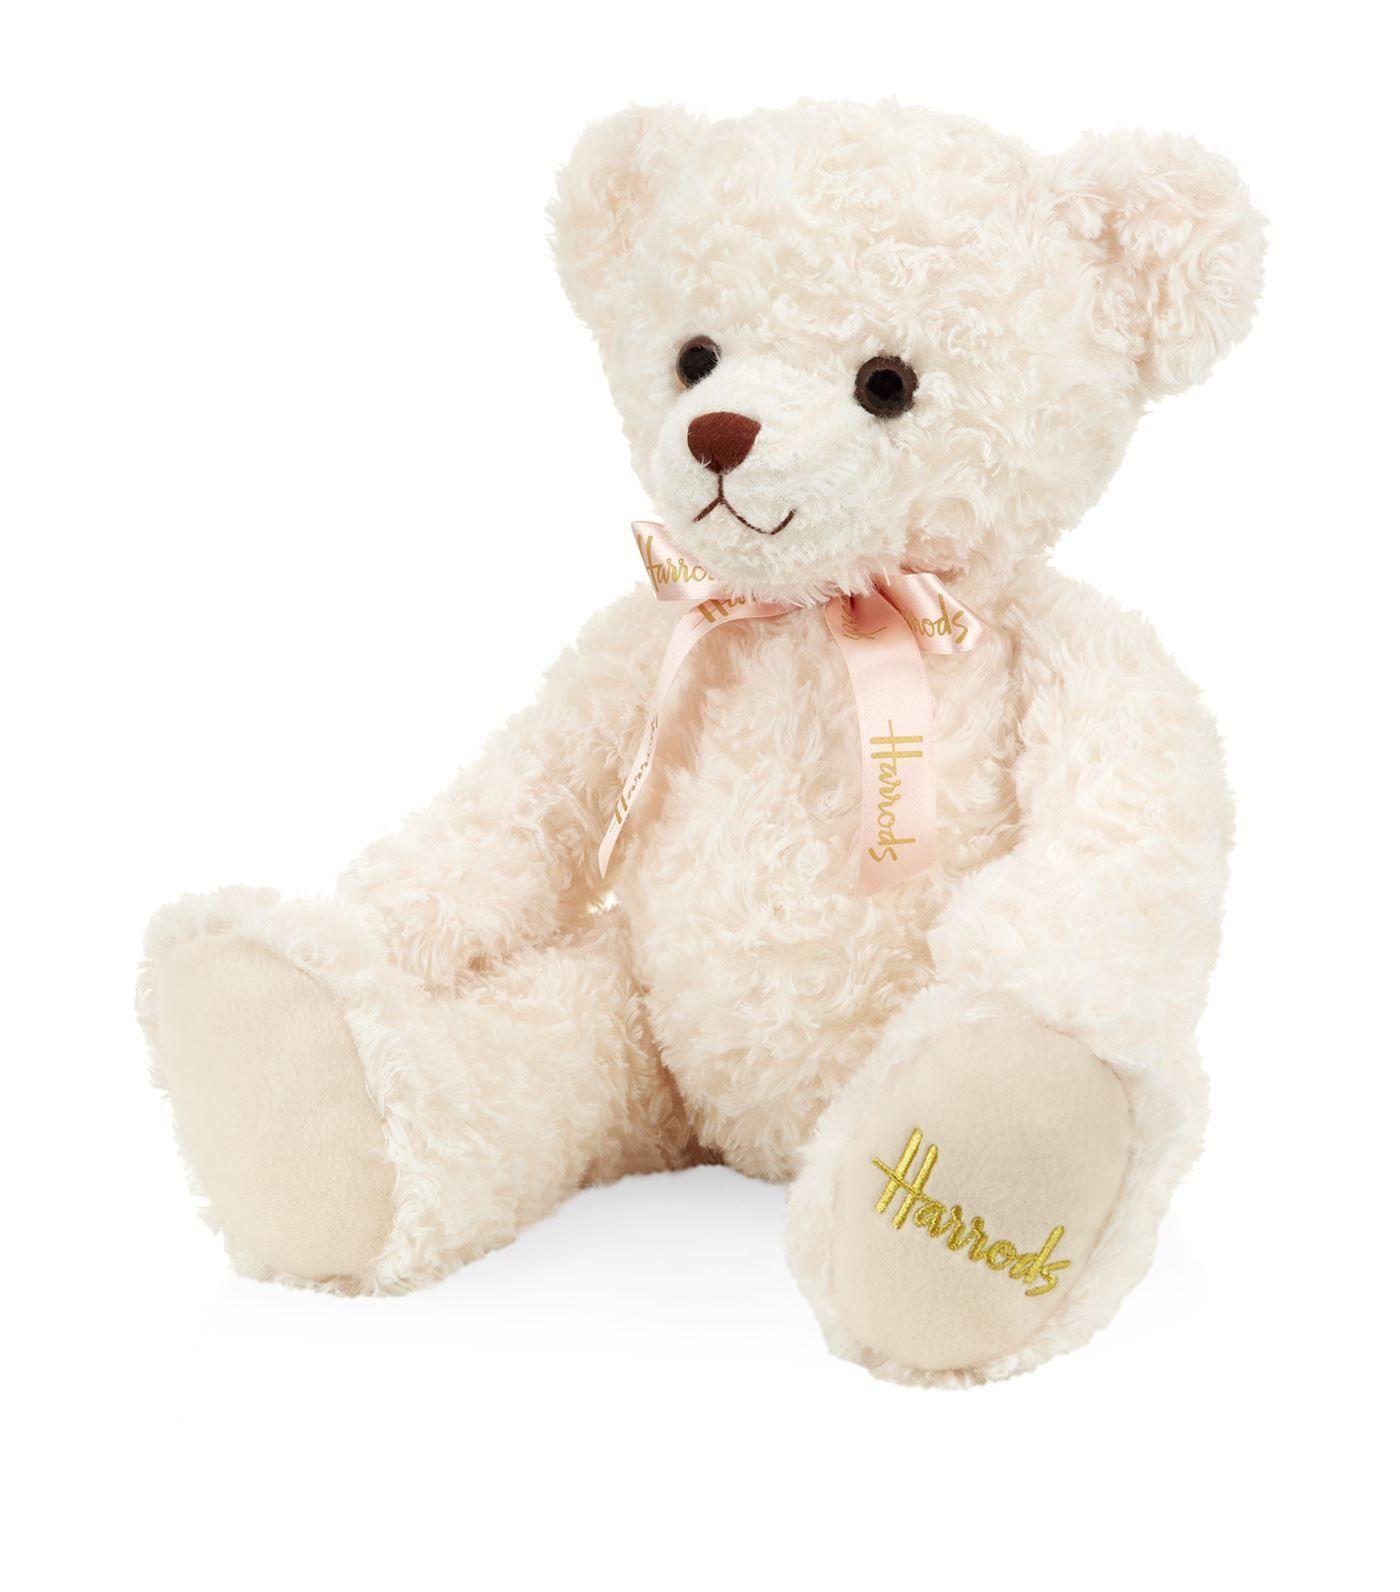 [Harrods] ハロッズ テディベア / ハリエット ベア Harriet Bear (Large)